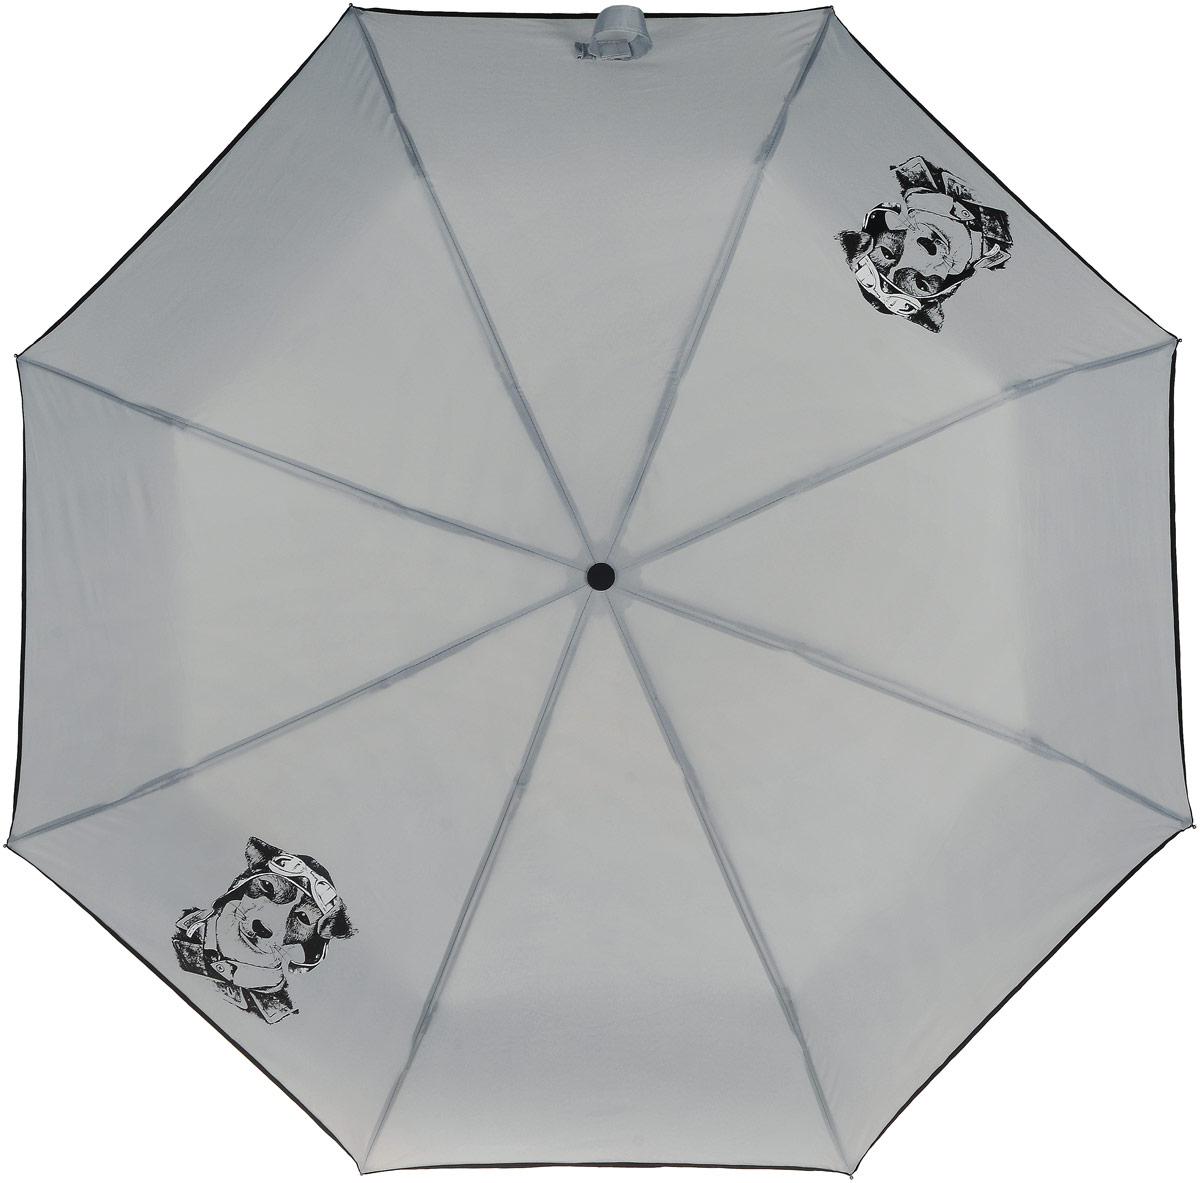 Зонт женский ArtRain, механический, 3 сложения. 3517-1735 зонт artrain механический 3 сложения цвет синий 3517 1732